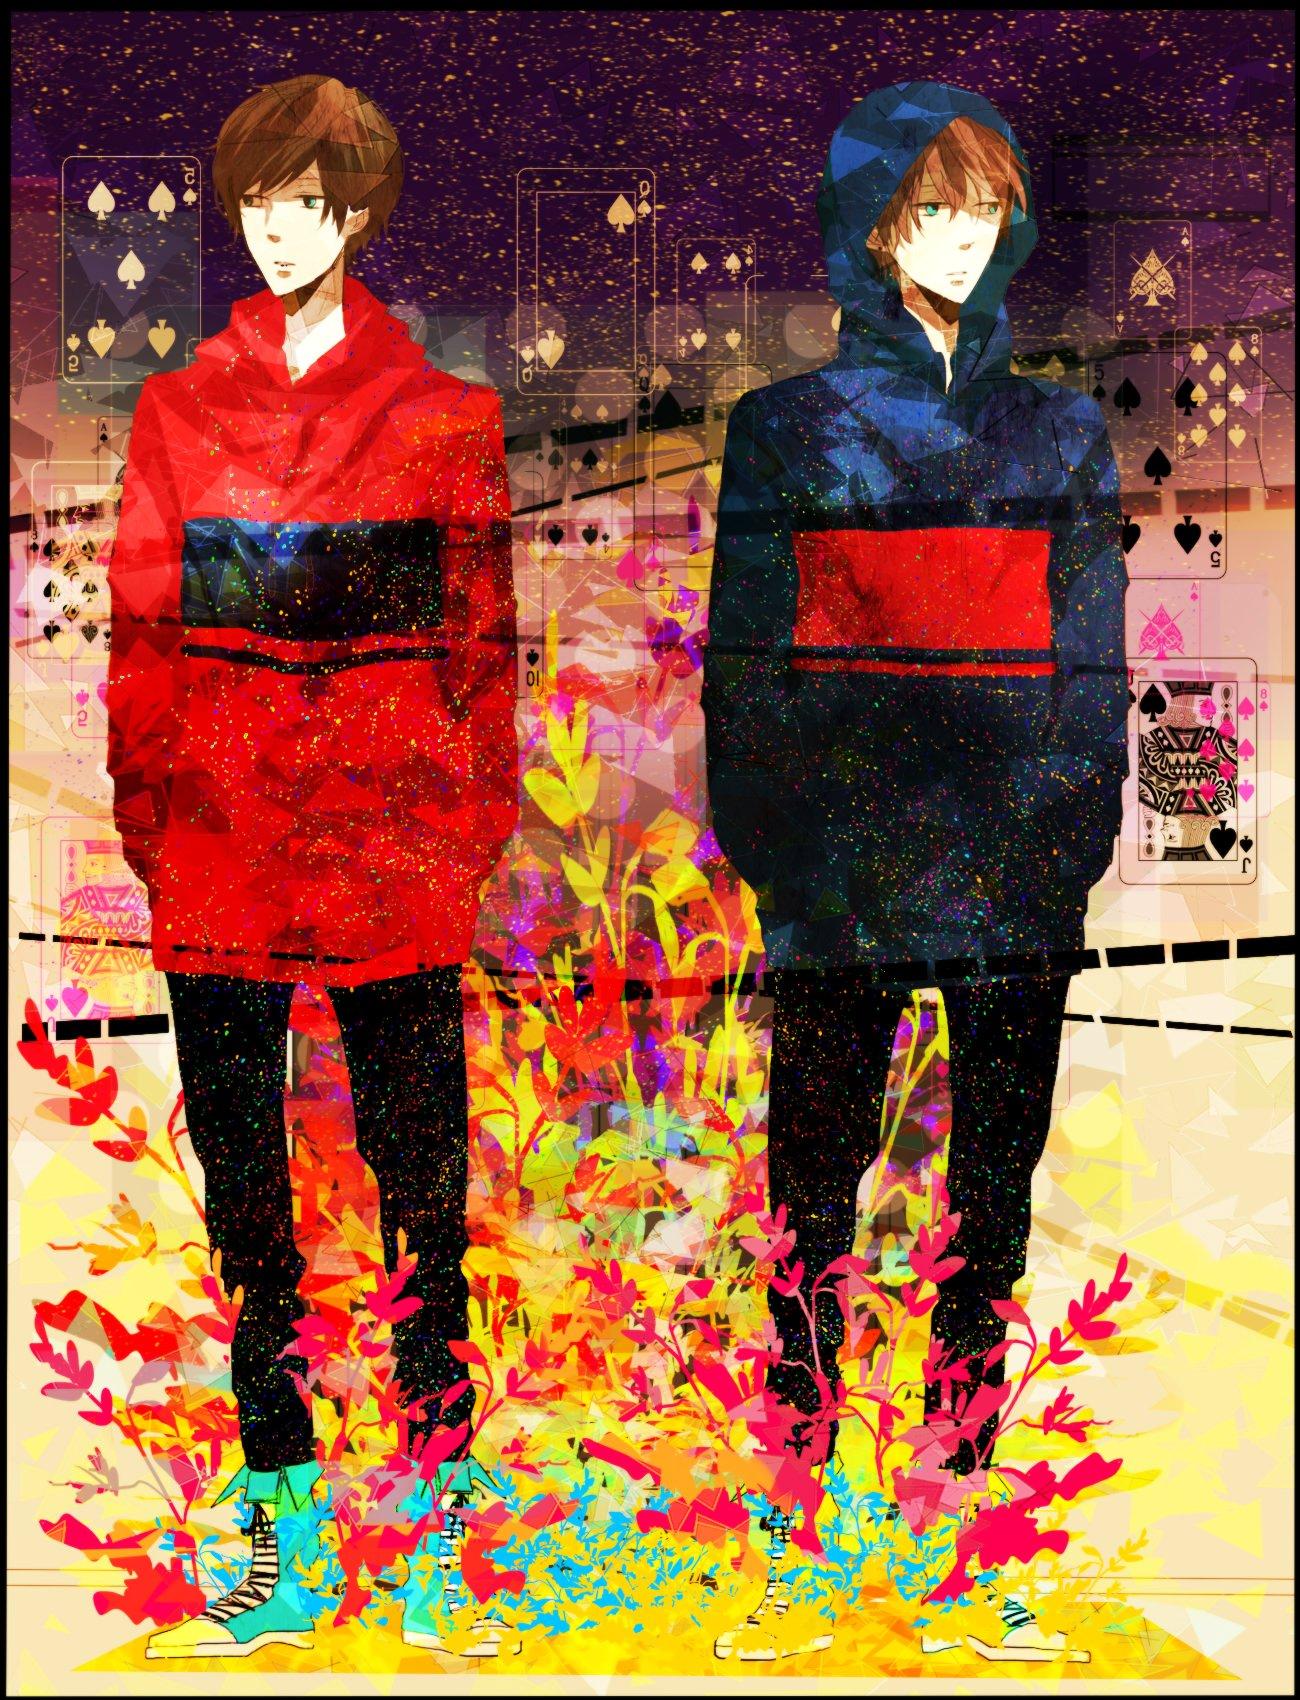 Арты--Доброй Ночи--КНБ--^_^/ >SHIO - Изображение 25